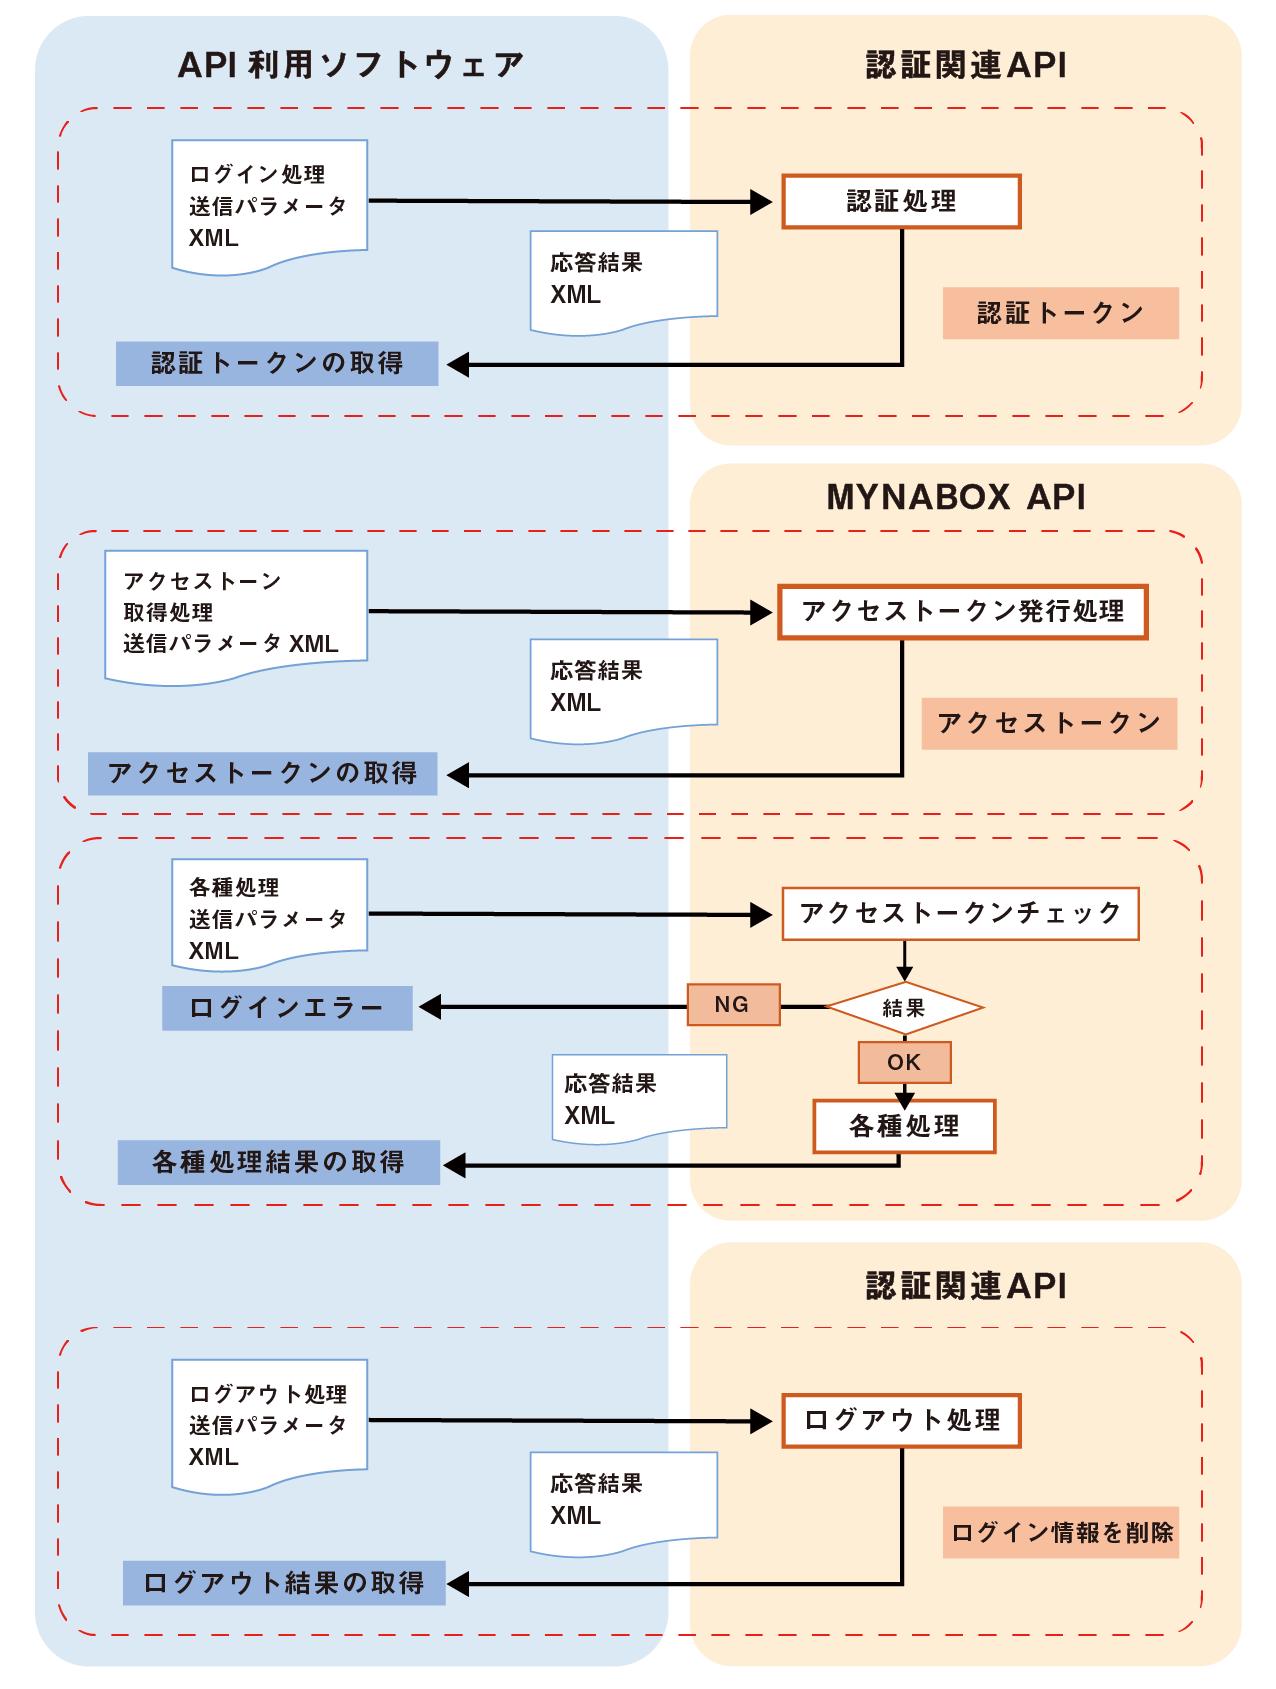 外部連携API概要図 – MYNABOX(マイナボックス)